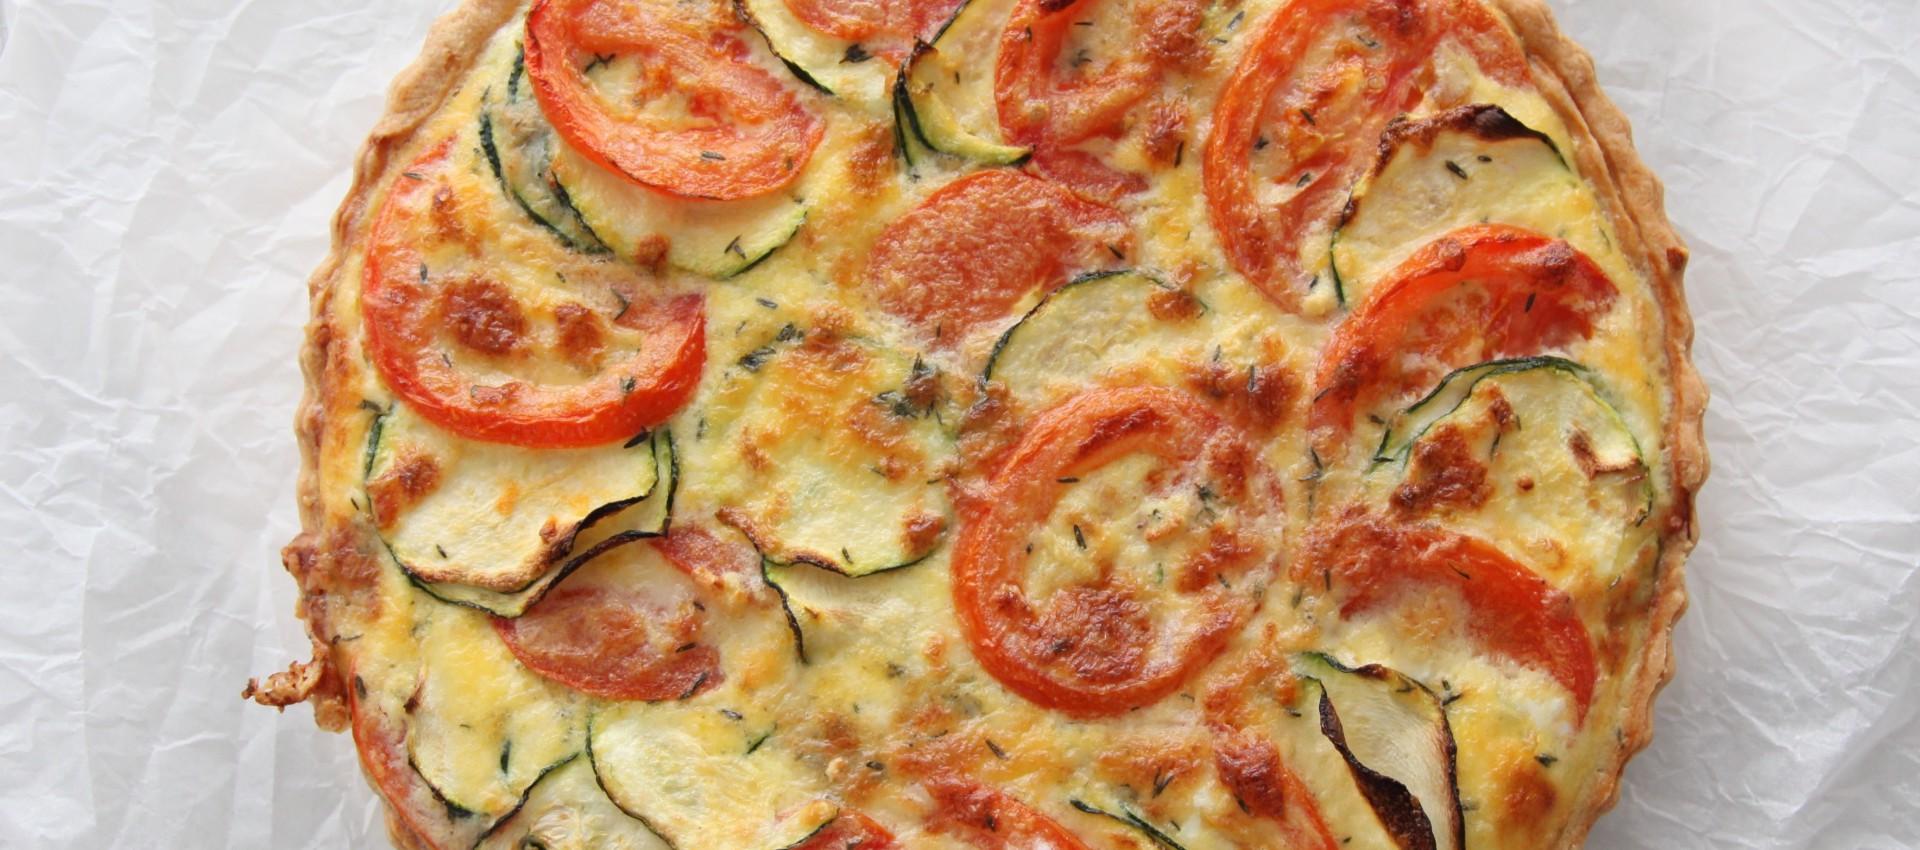 20150525_2143-quiche met tomaat en courgette